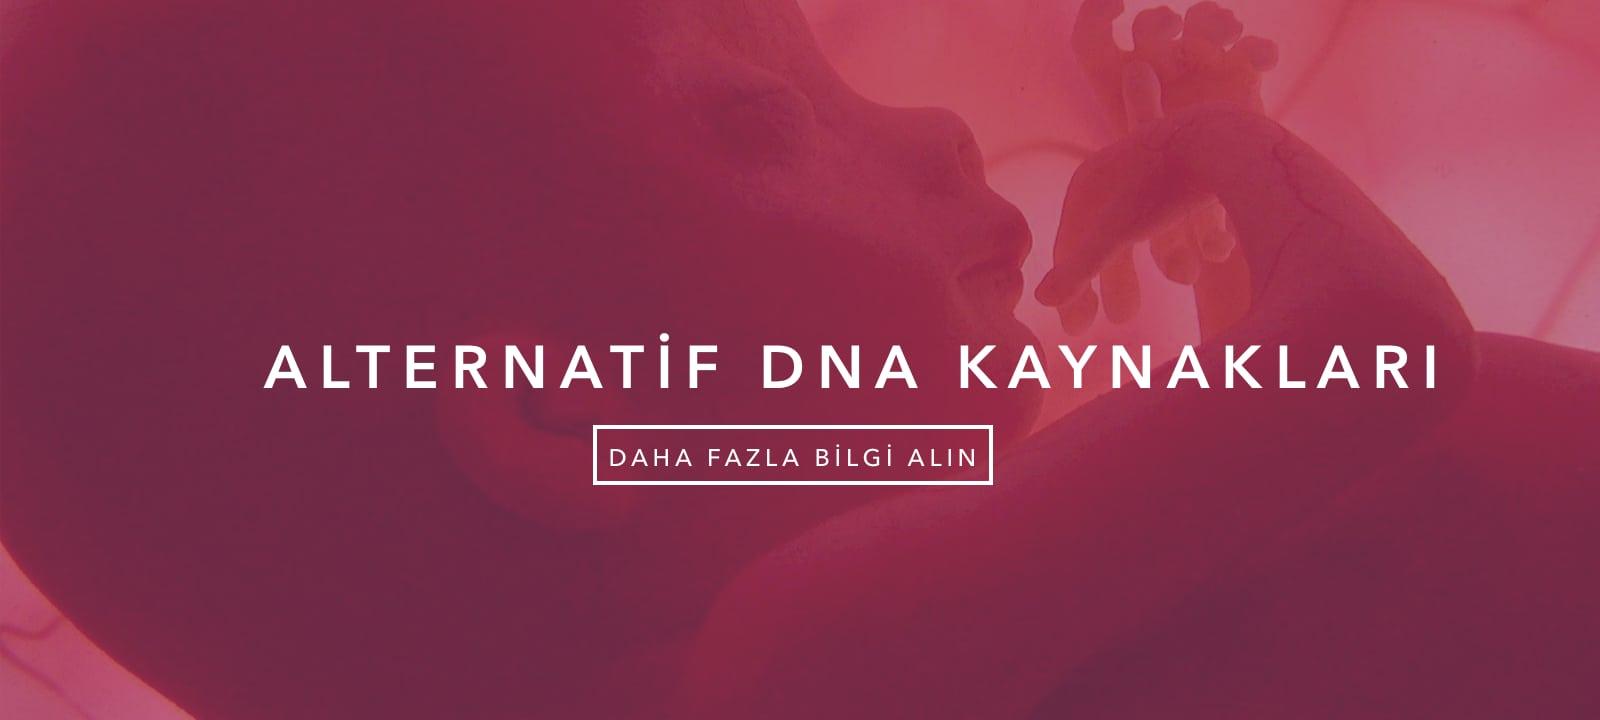 Alternatif DNA Kaynakları